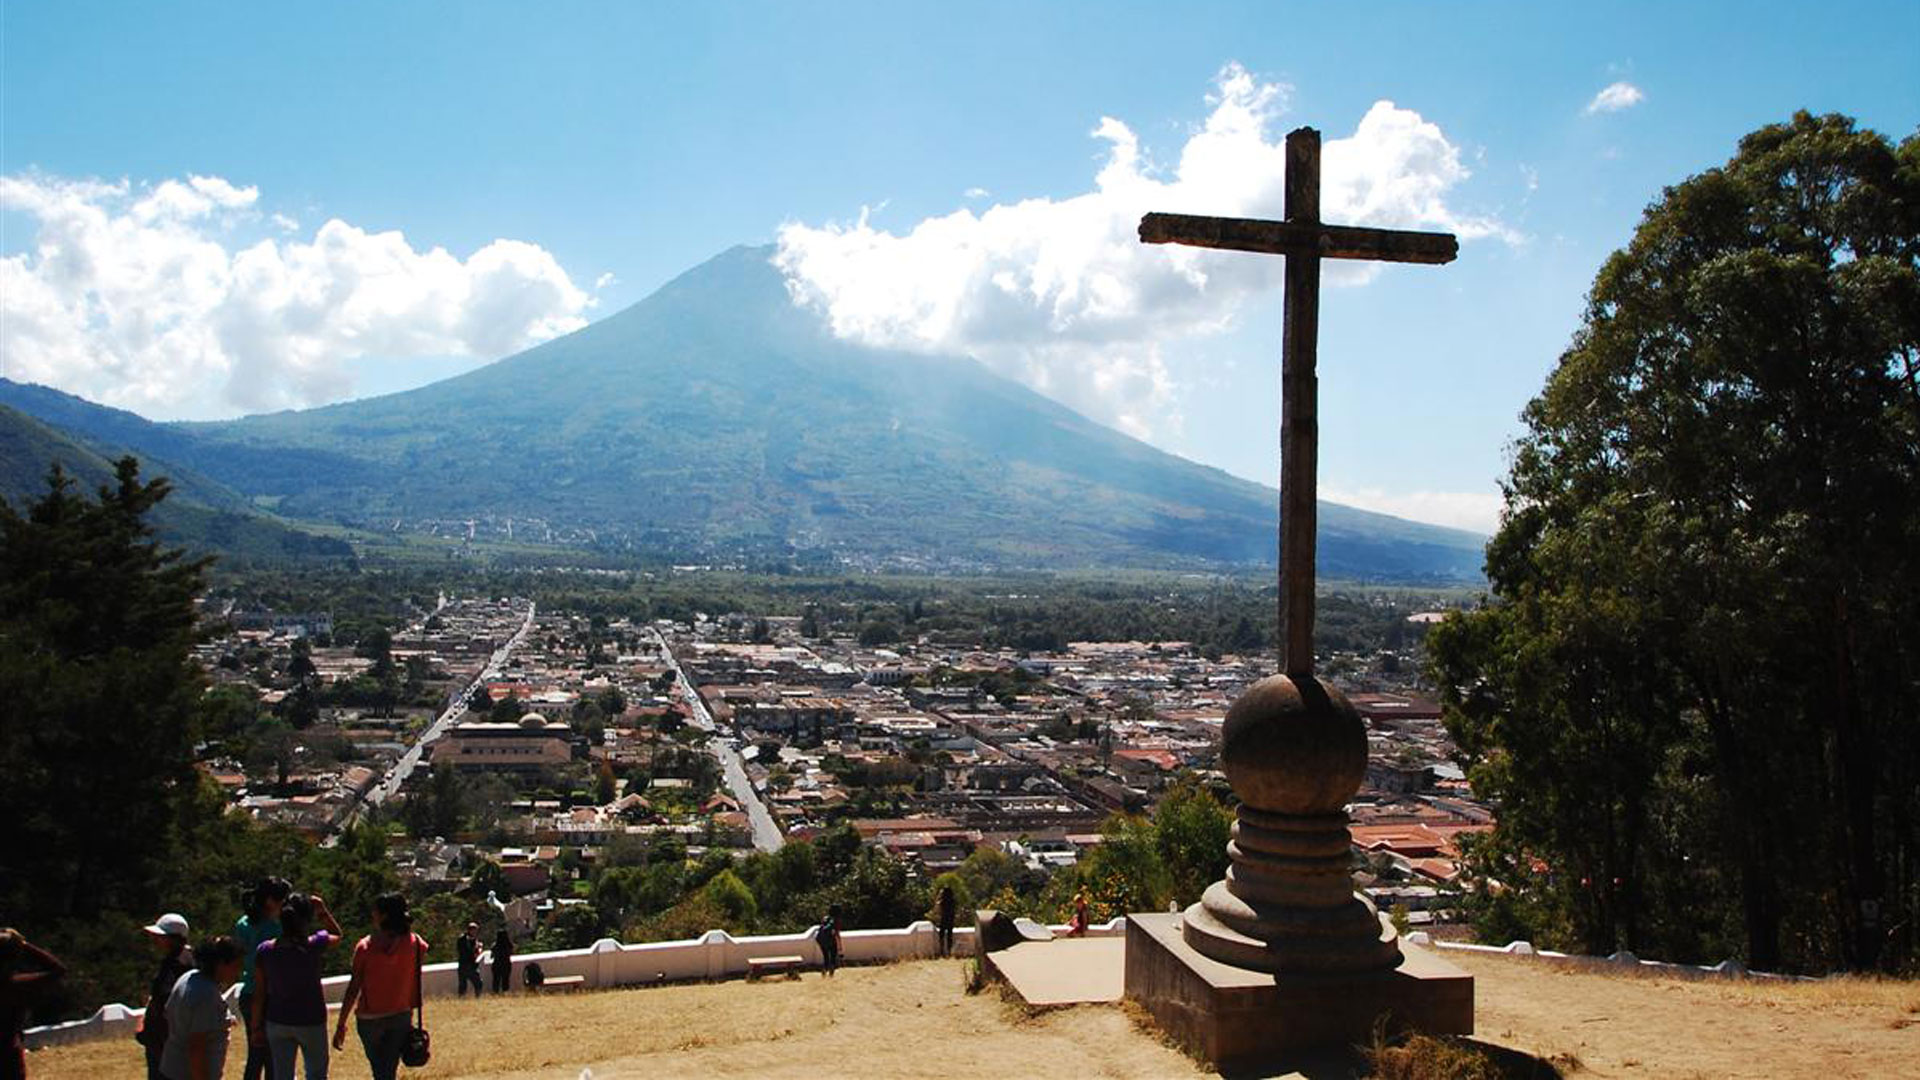 guatemala wallpapers wallpapersafari - photo #14